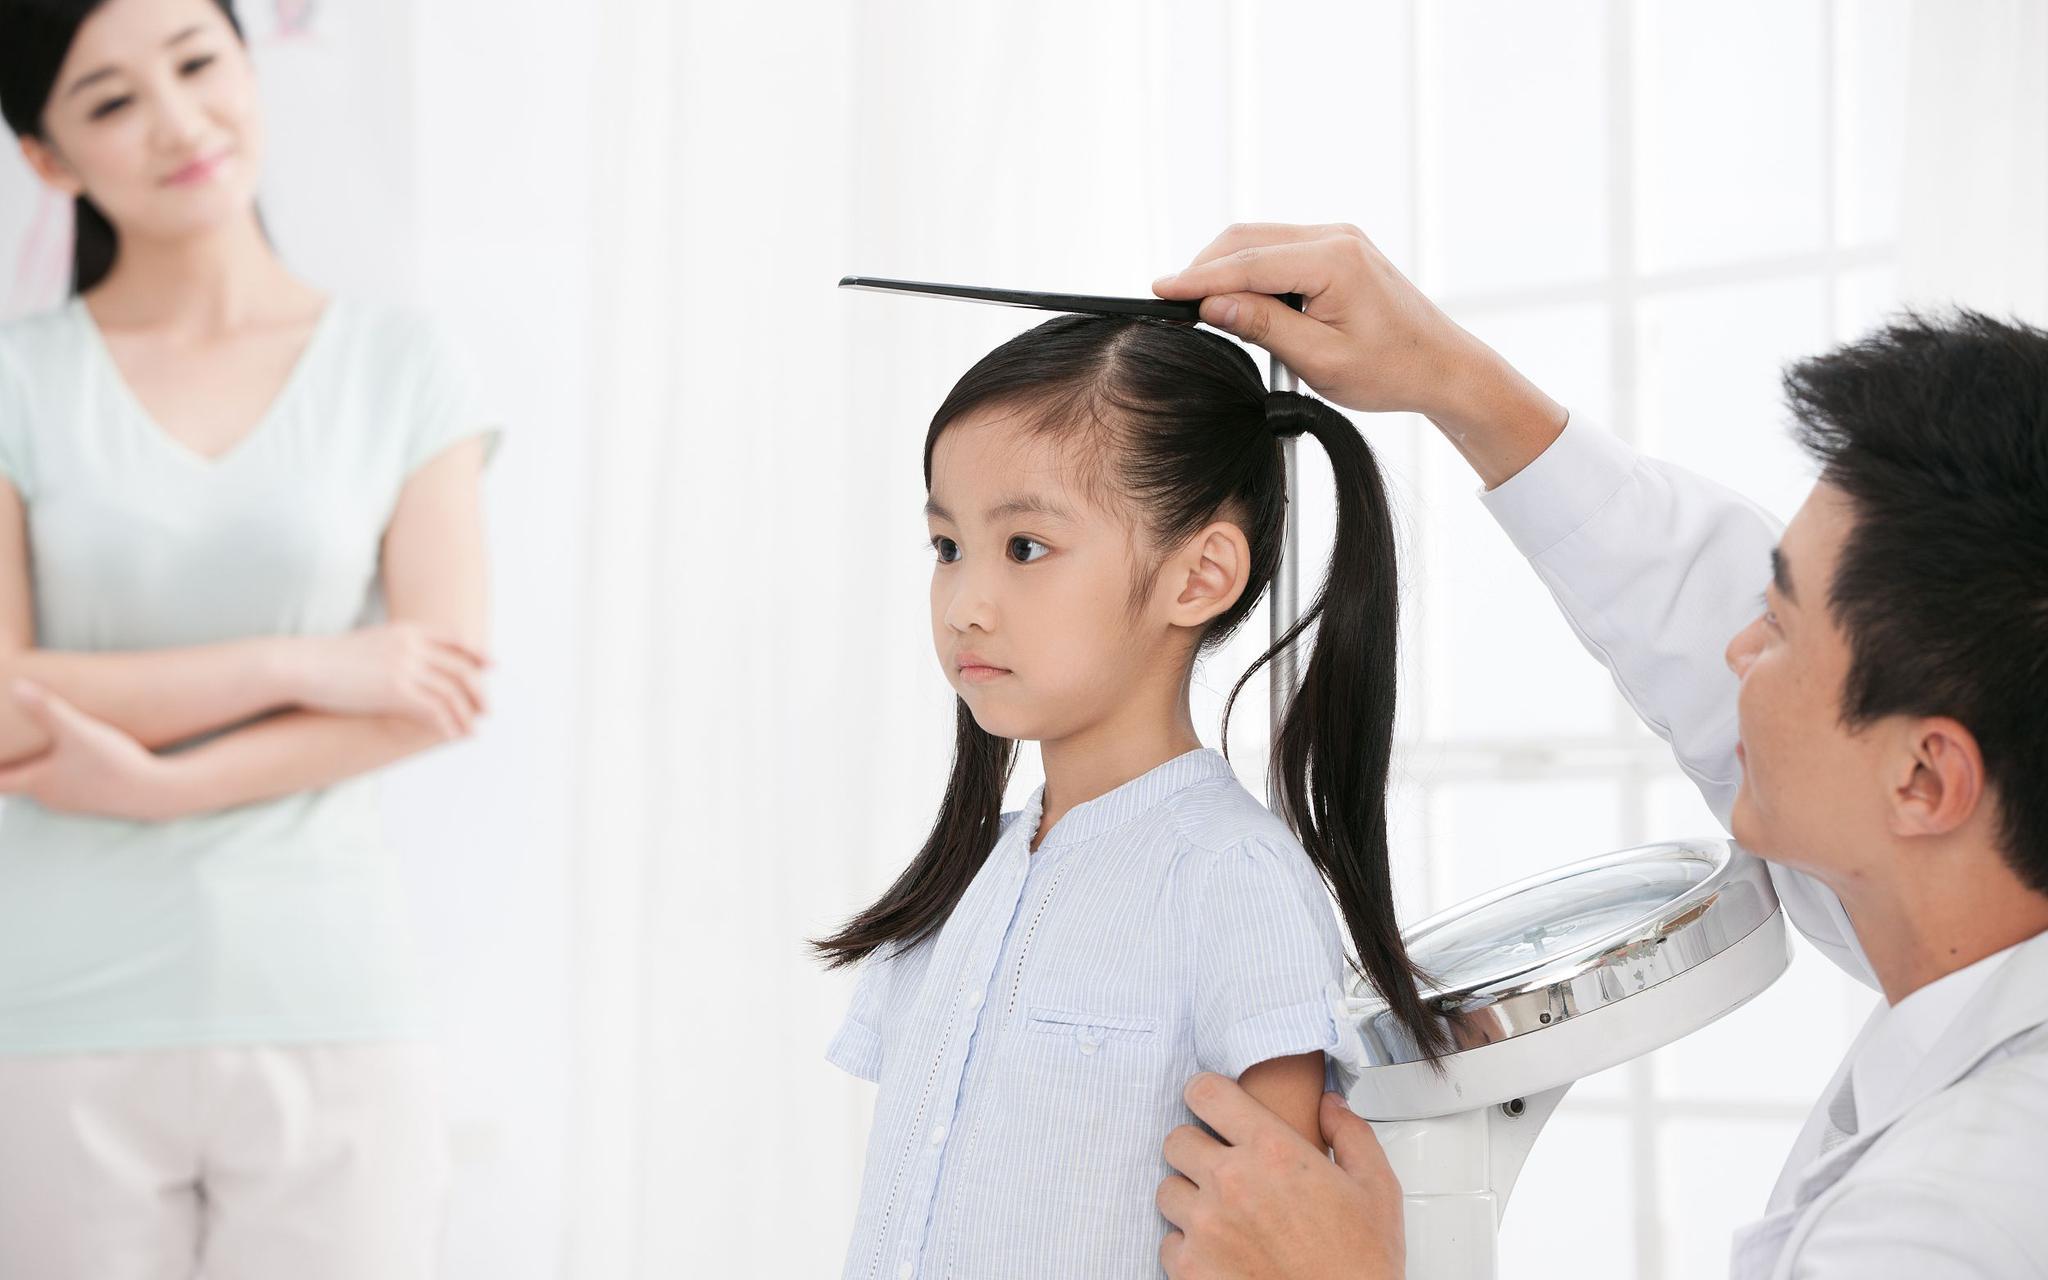 [天富]儿童节丨你天富家孩子的身高正常吗图片